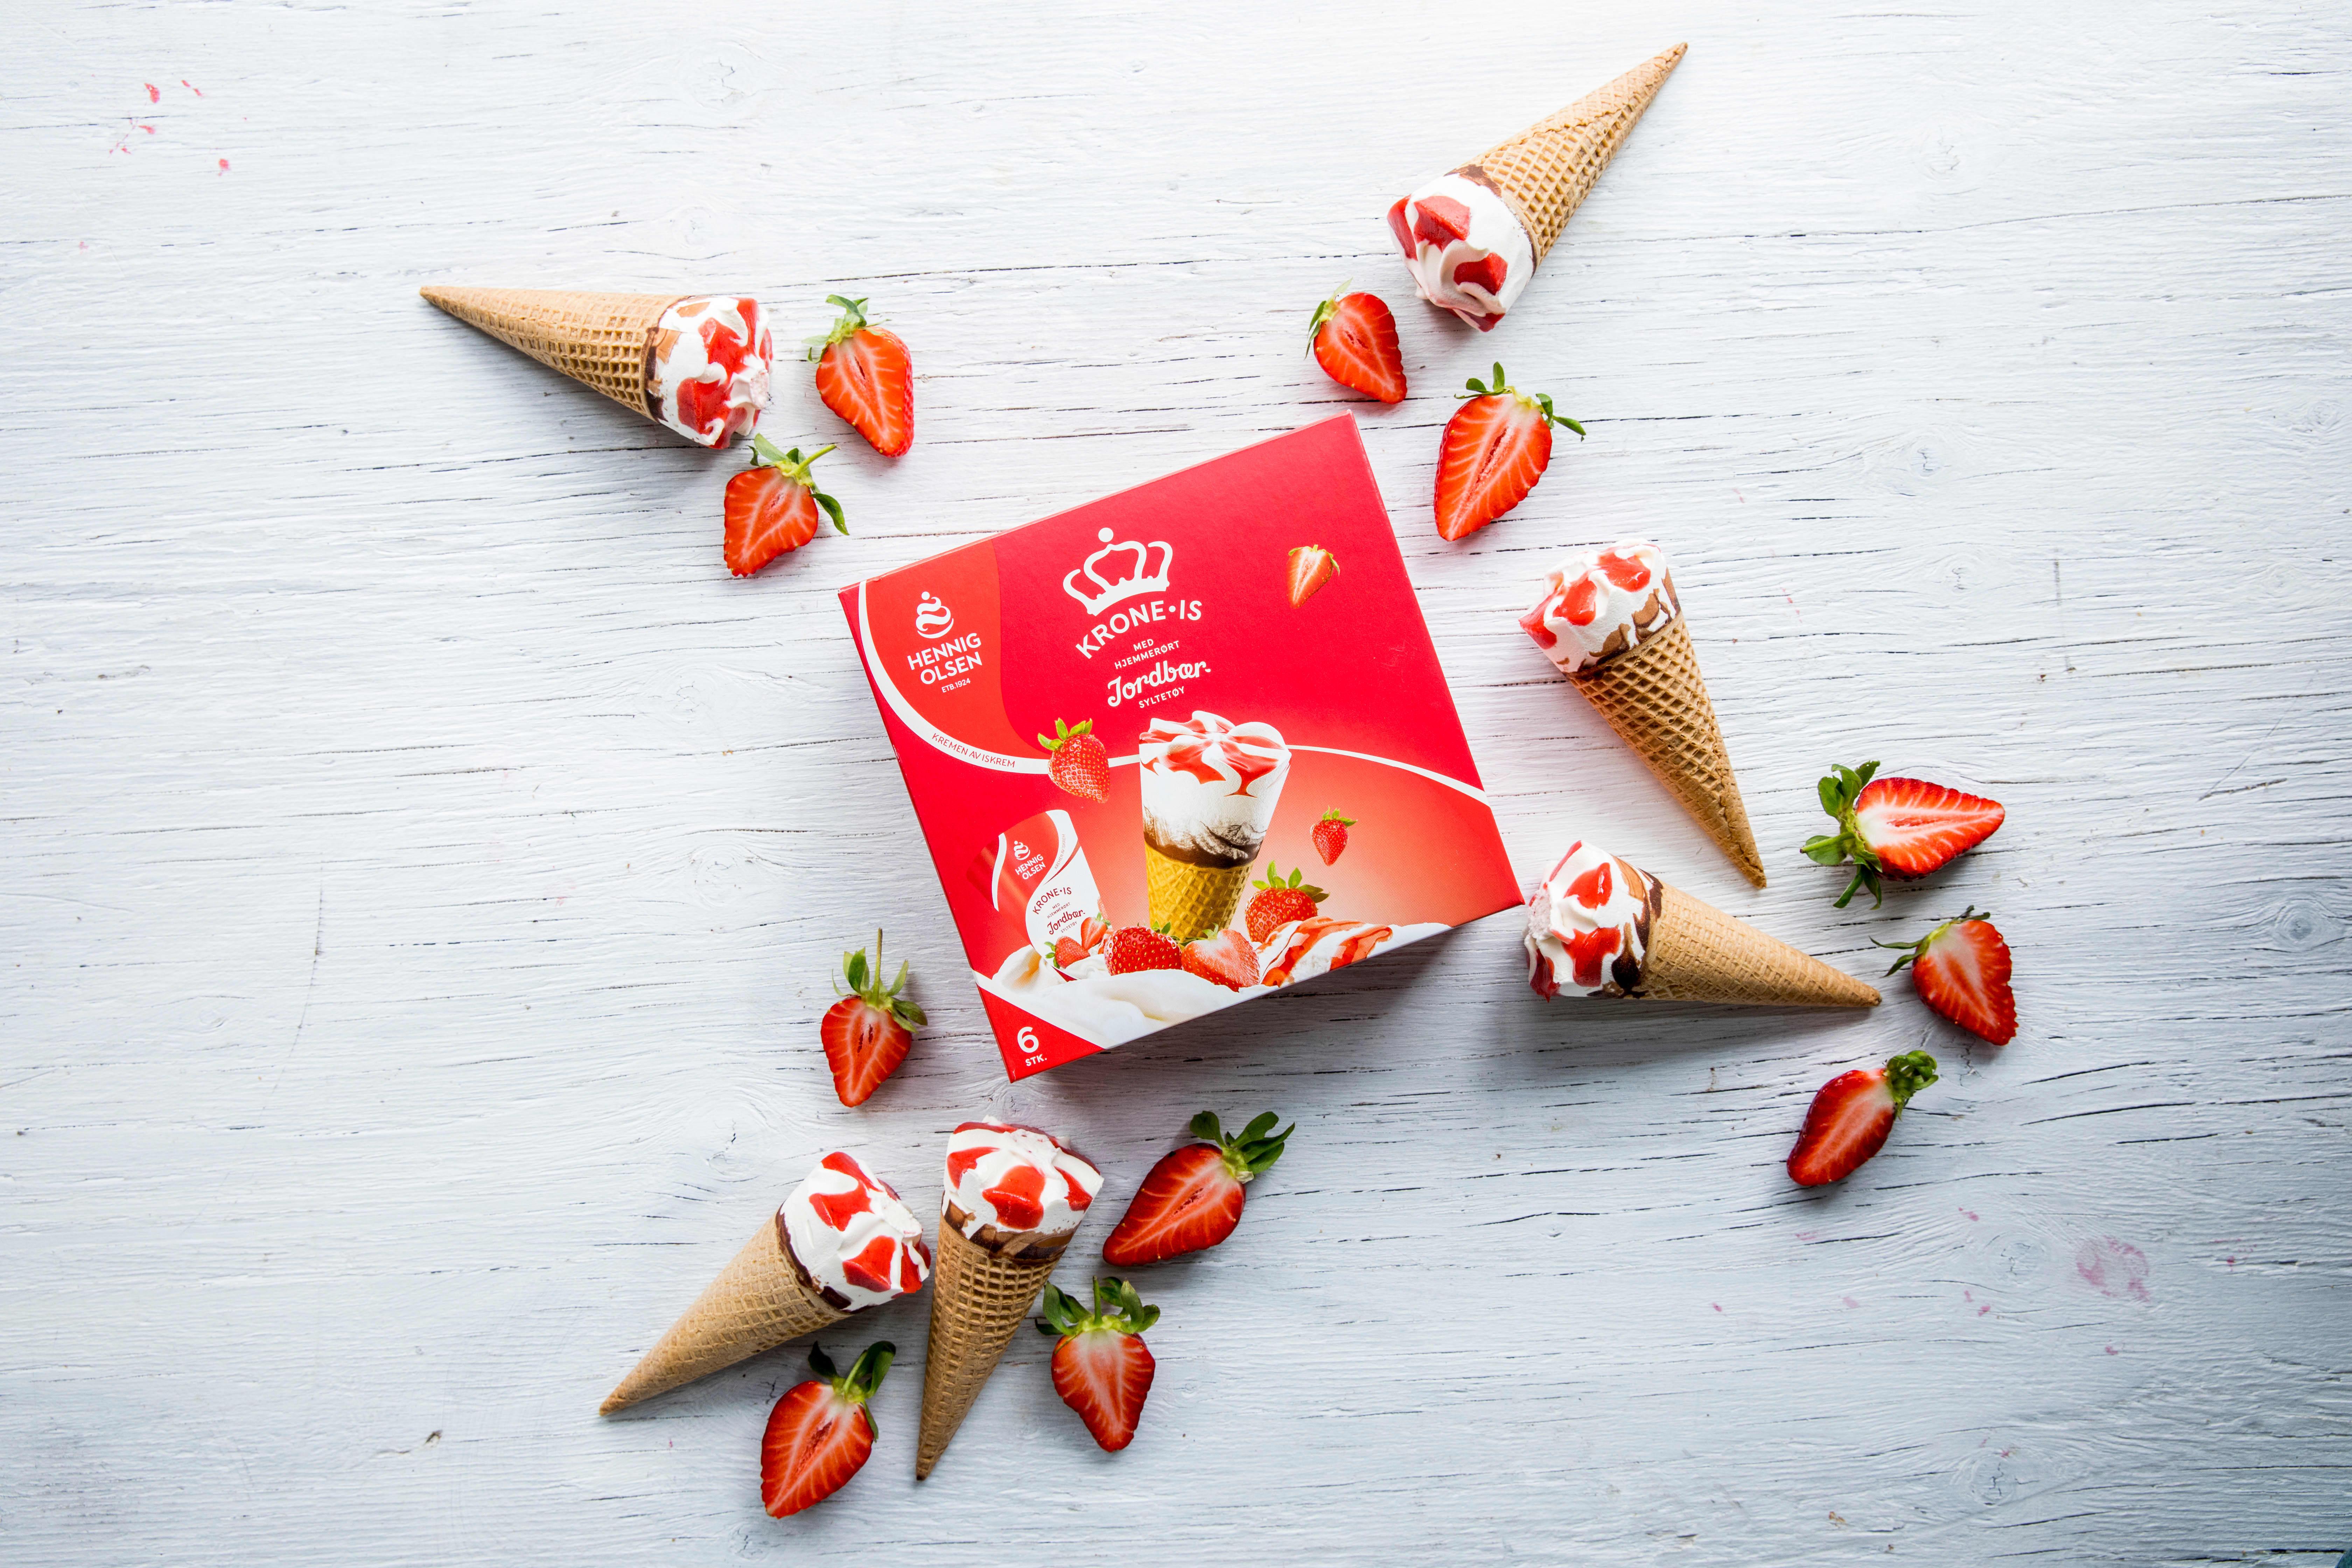 Over 8 millioner Krone-is Jordbær spises årlig.